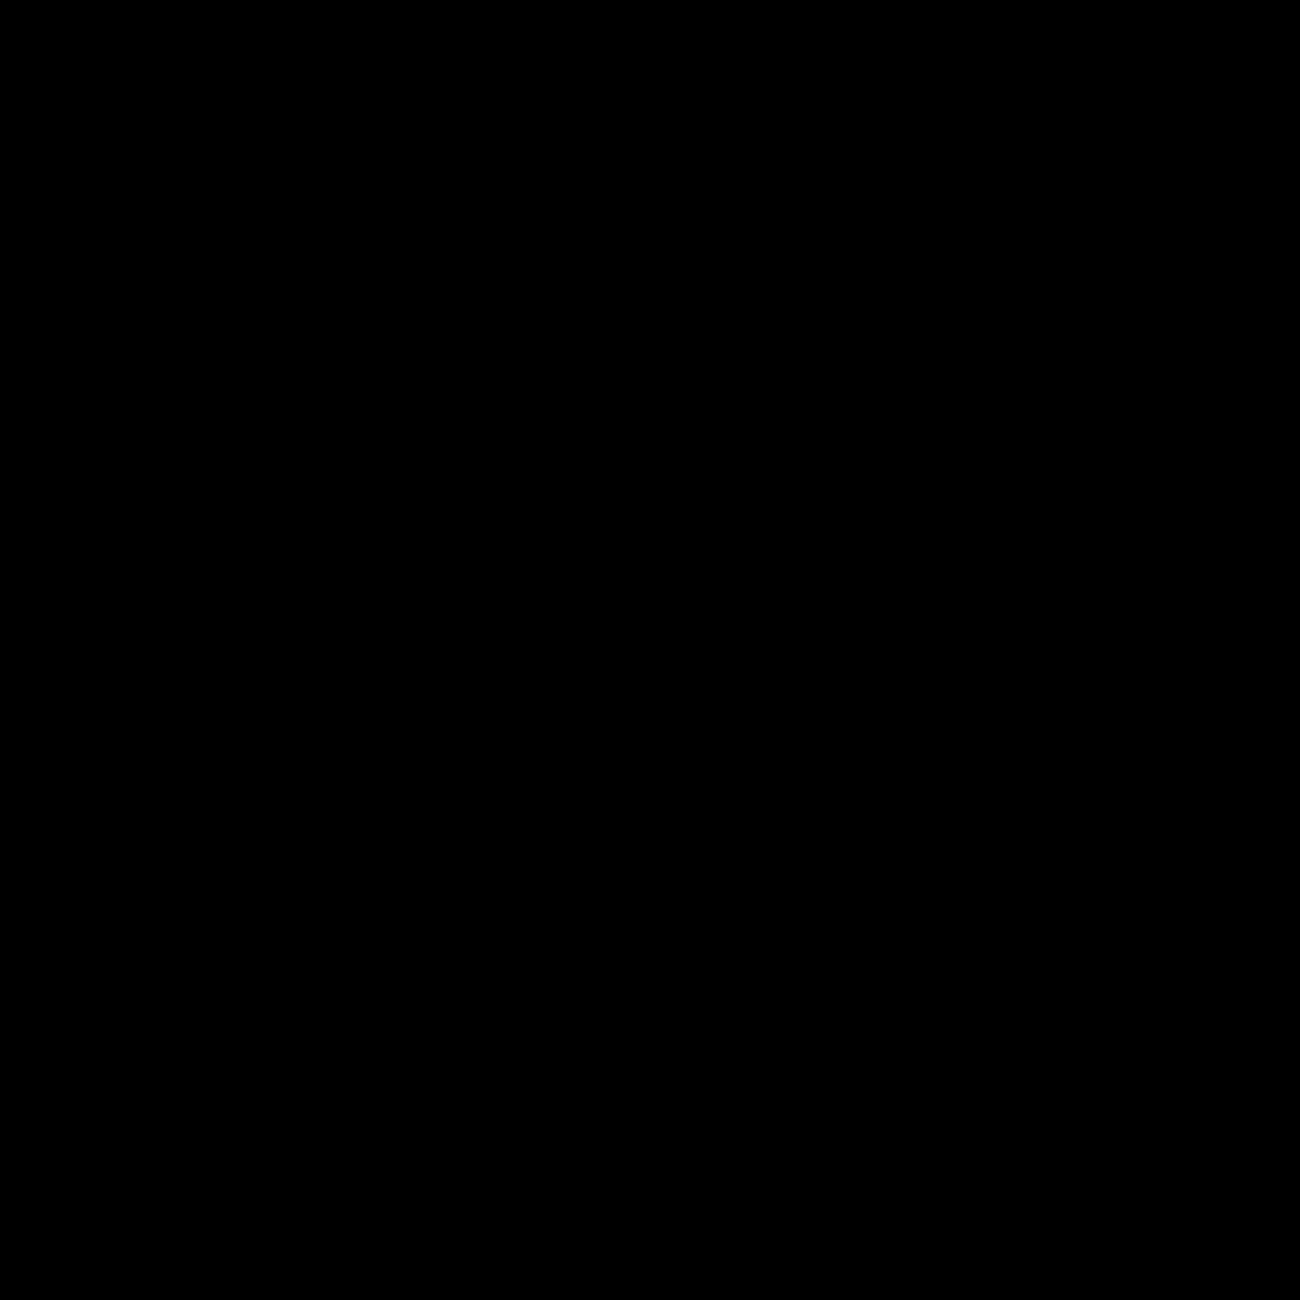 Help Lazka with a new logo